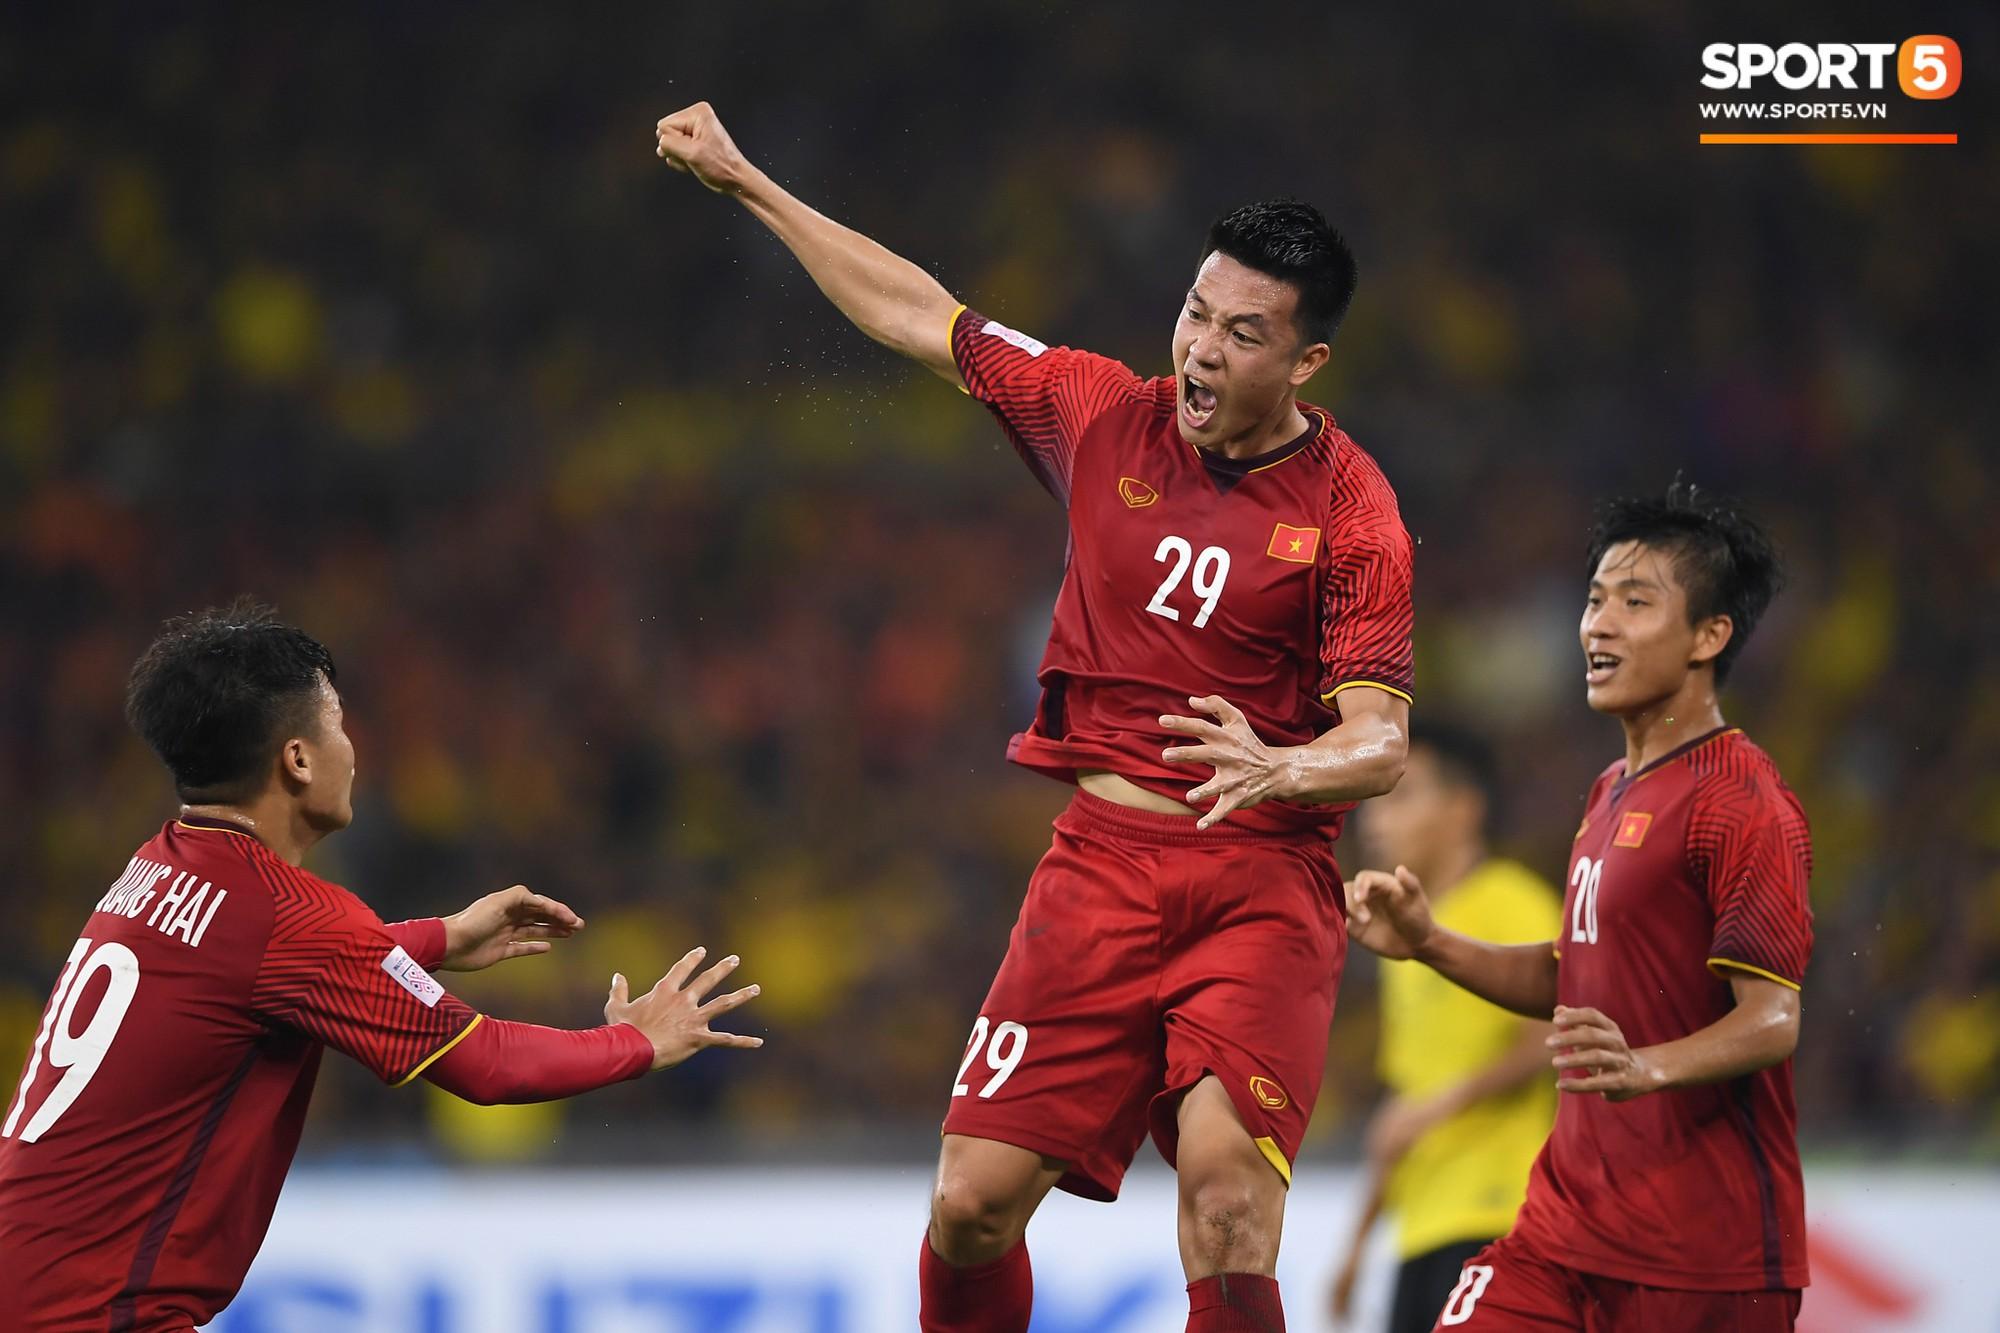 AFF Cup 2018 đã kết thúc, Việt Nam đã chiến thắng, và 10 khoảnh khắc đẹp nhất sẽ mãi lưu trong lòng người Việt-2